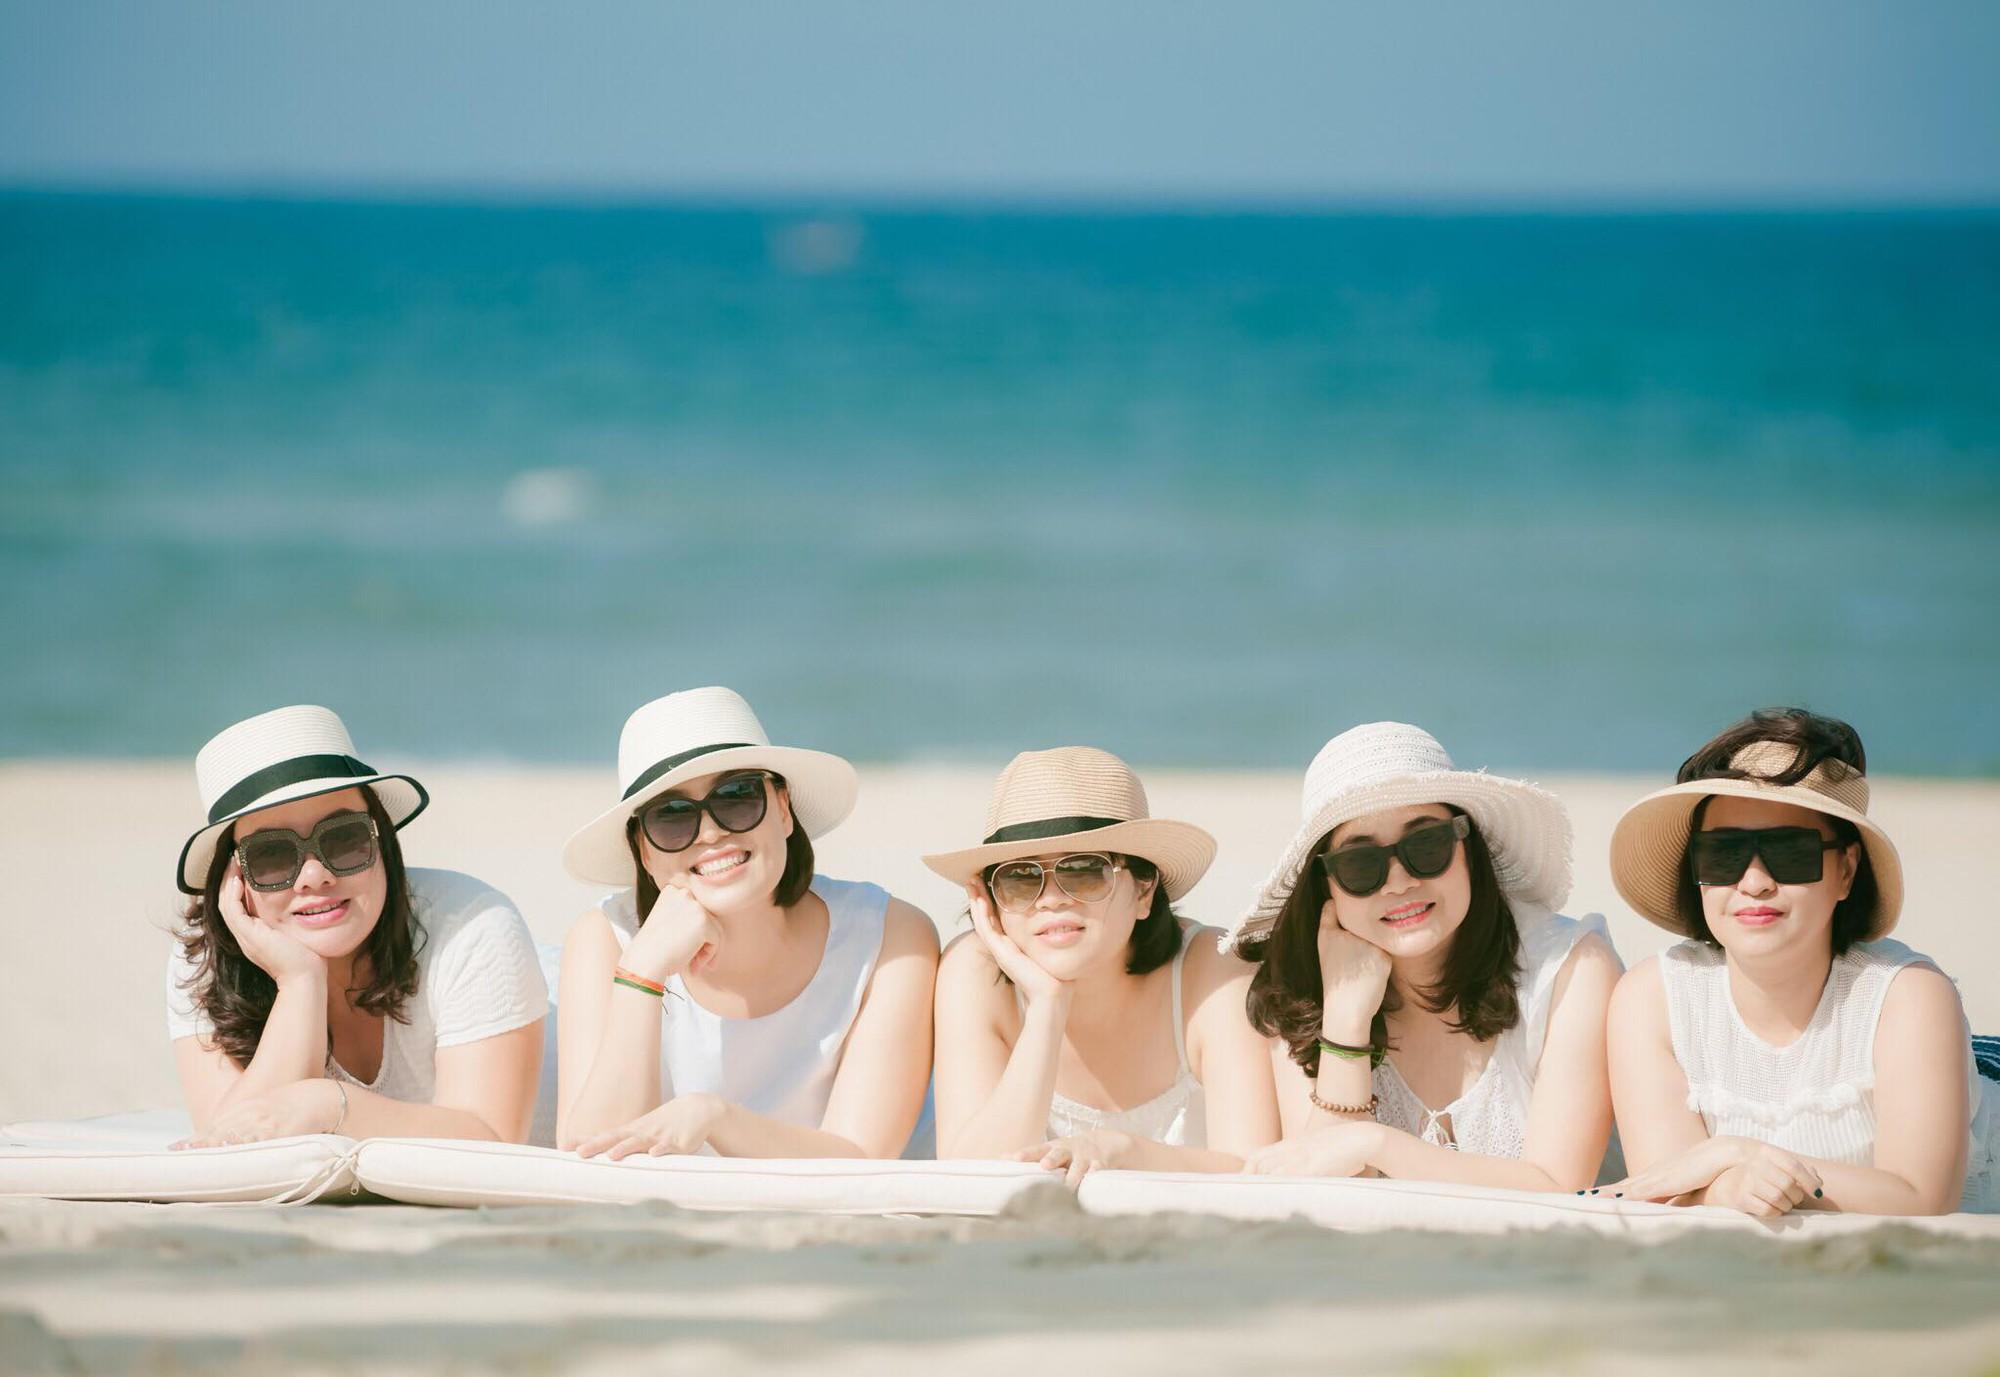 Nghe hội chị em tư vấn đi du lịchNha Trang 3 ngàysang chảnhchỉ với gần 5 triệu đồng - Ảnh 2.